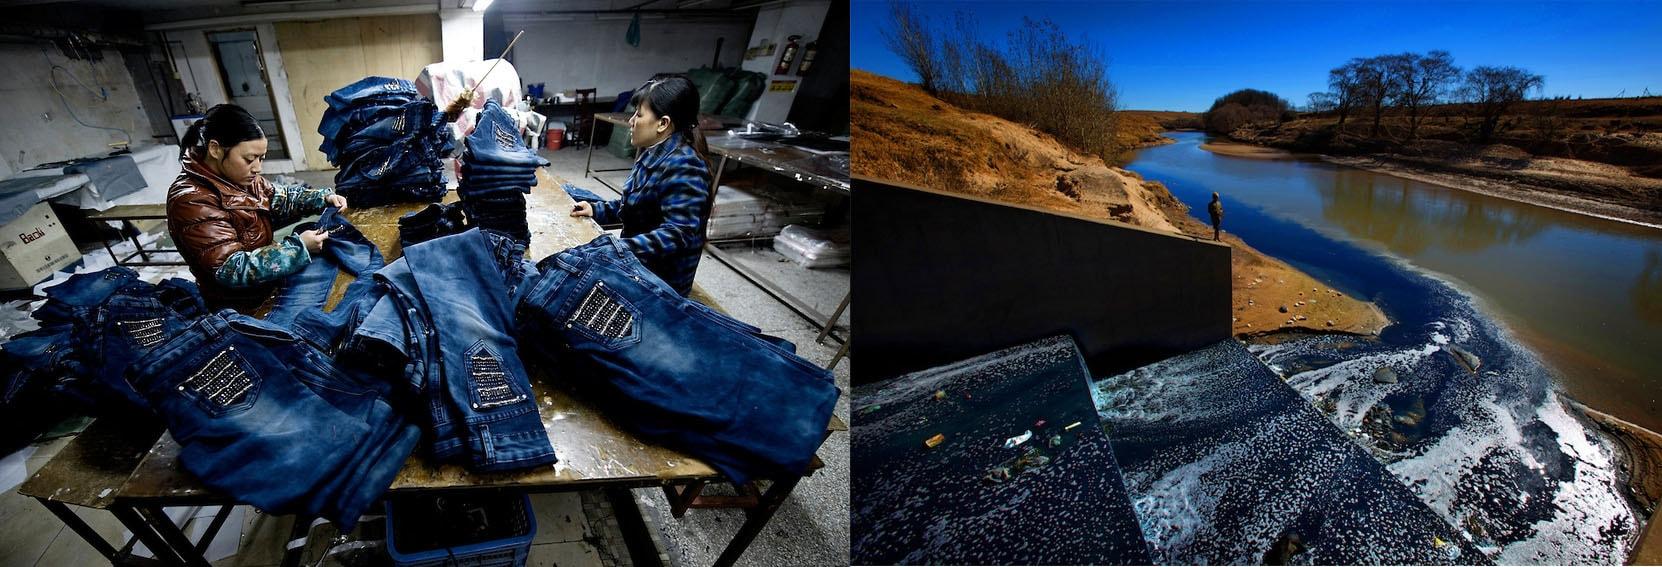 """Novo vídeo """"The Life of Jeans"""" documenta o enorme desperdício causado na fabricação de jeans stylo urbano"""